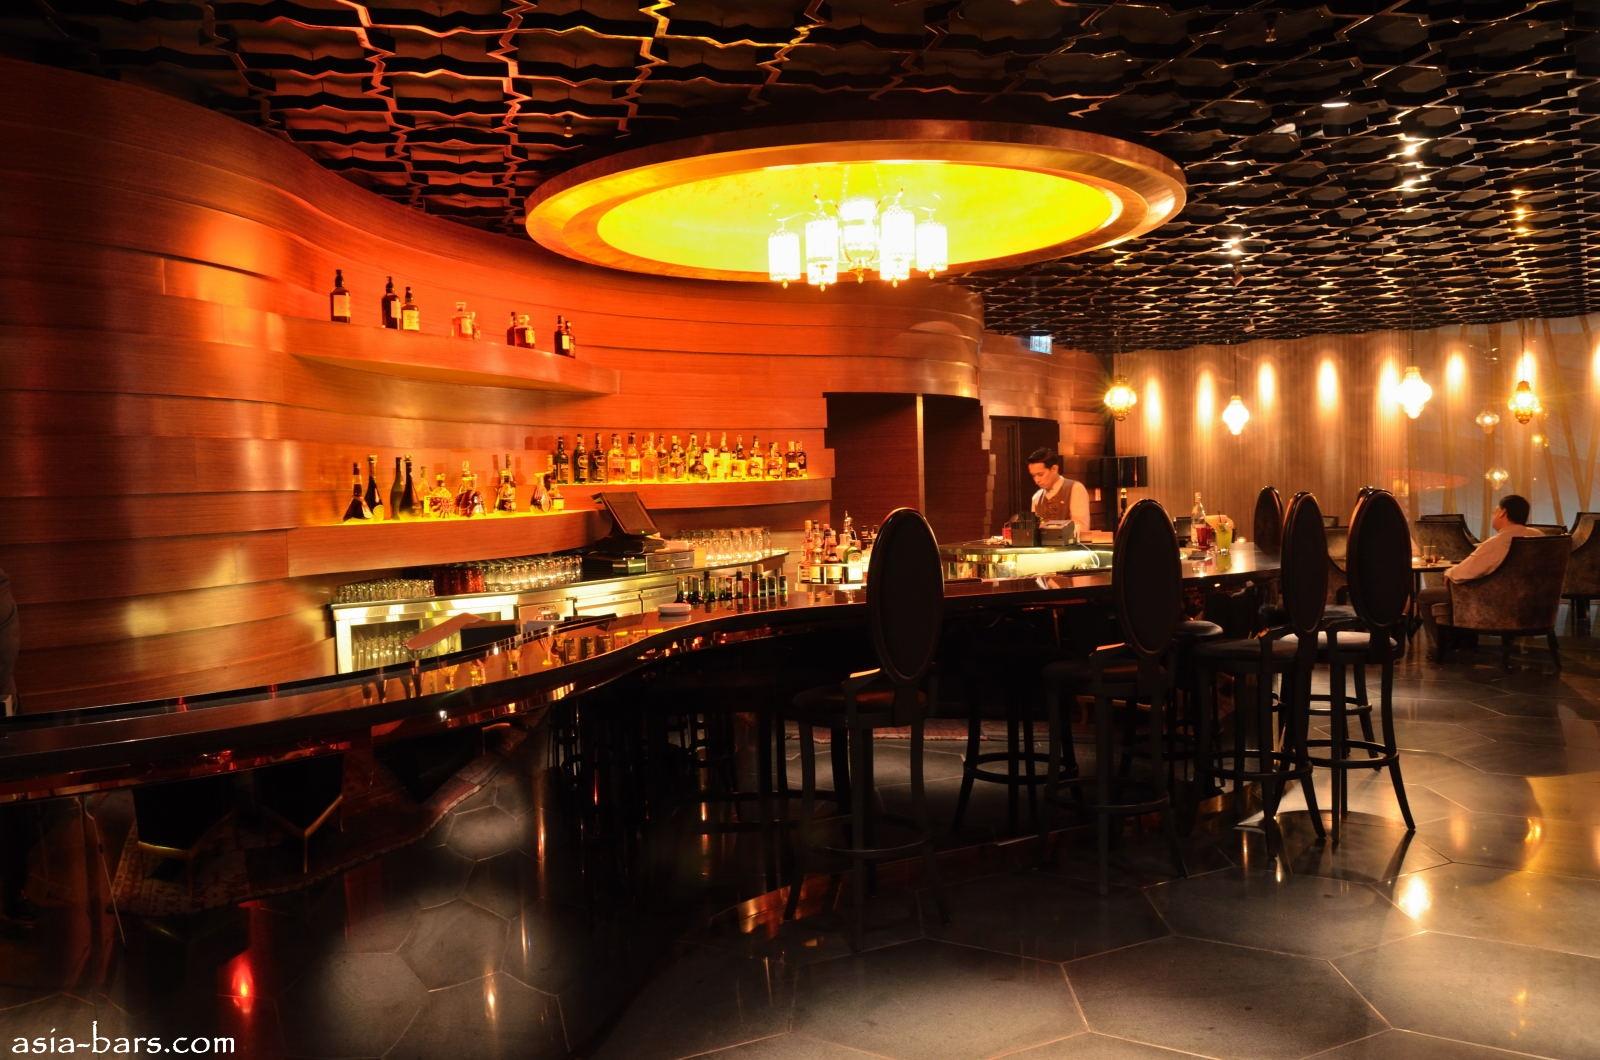 Casbah At Mandarin Oriental Kl Eat Drink Share In